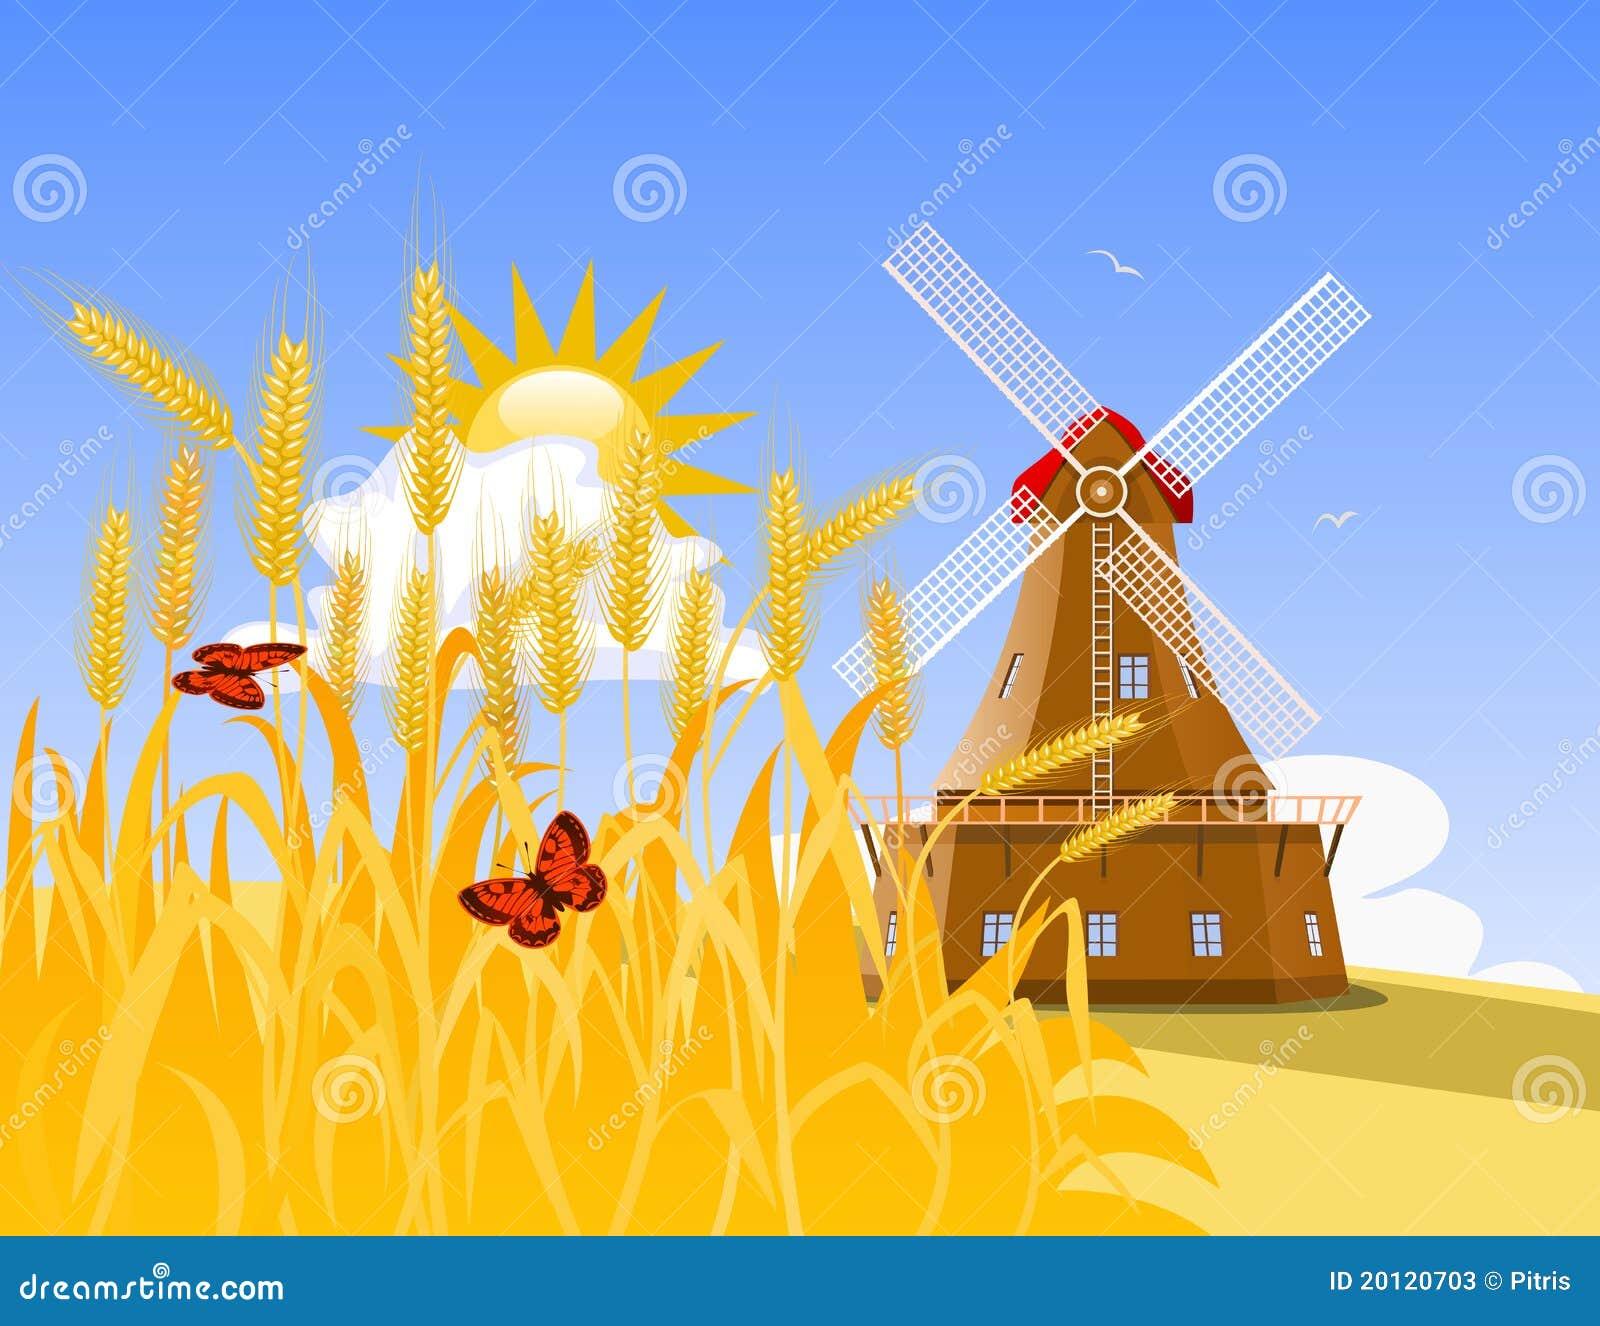 Image gallery molinos de trigo - Molino de trigo ...